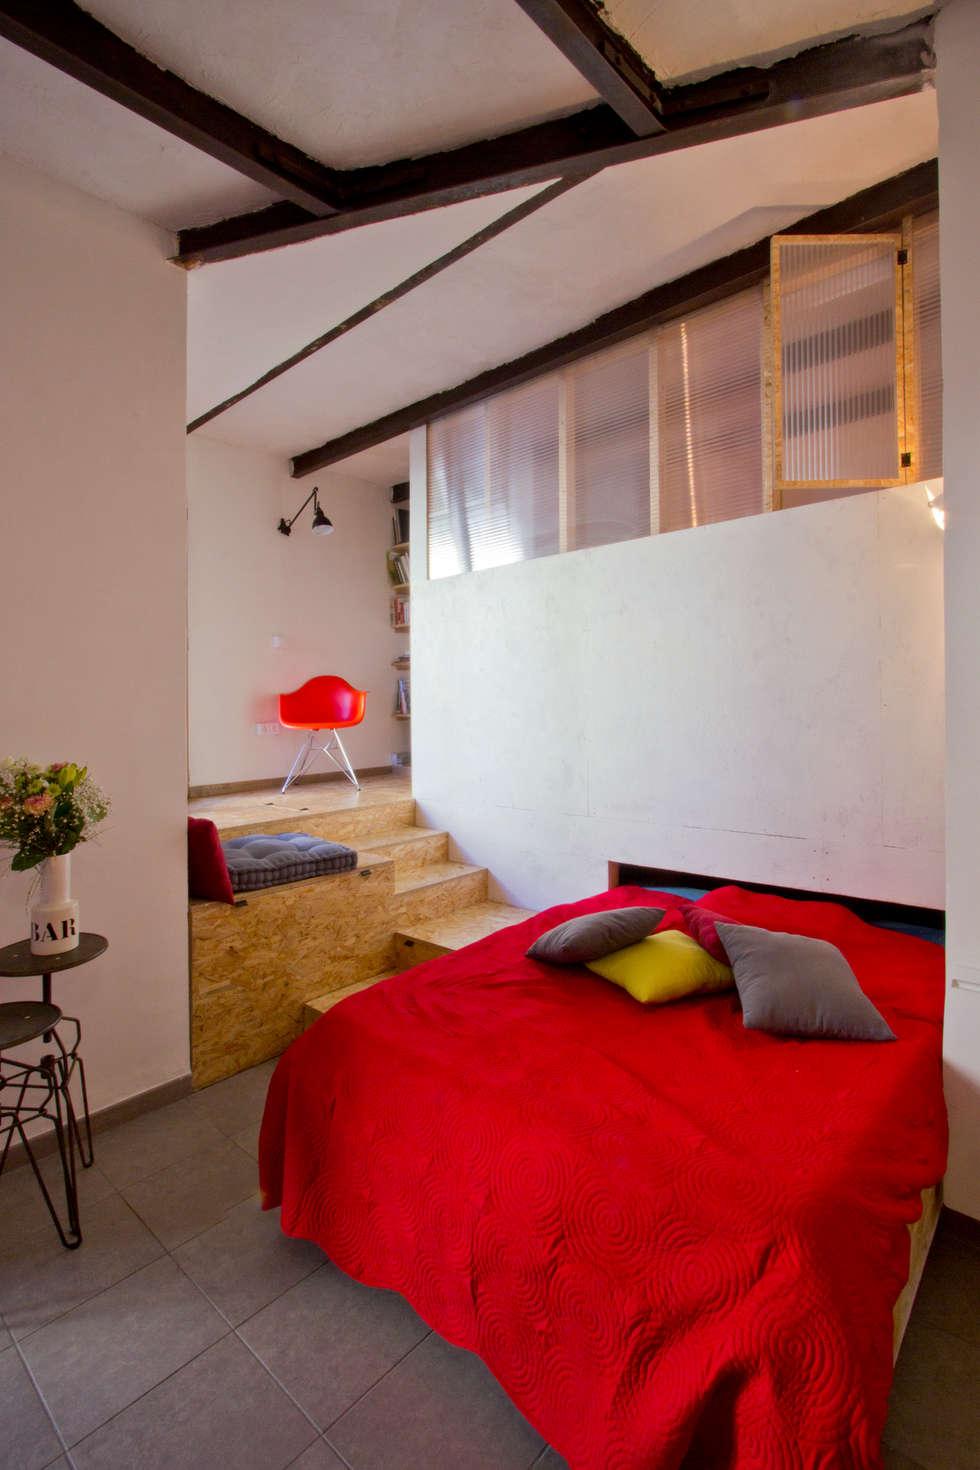 Le coin salon, lit déplié: Salon de style de style eclectique par Atelier RnB